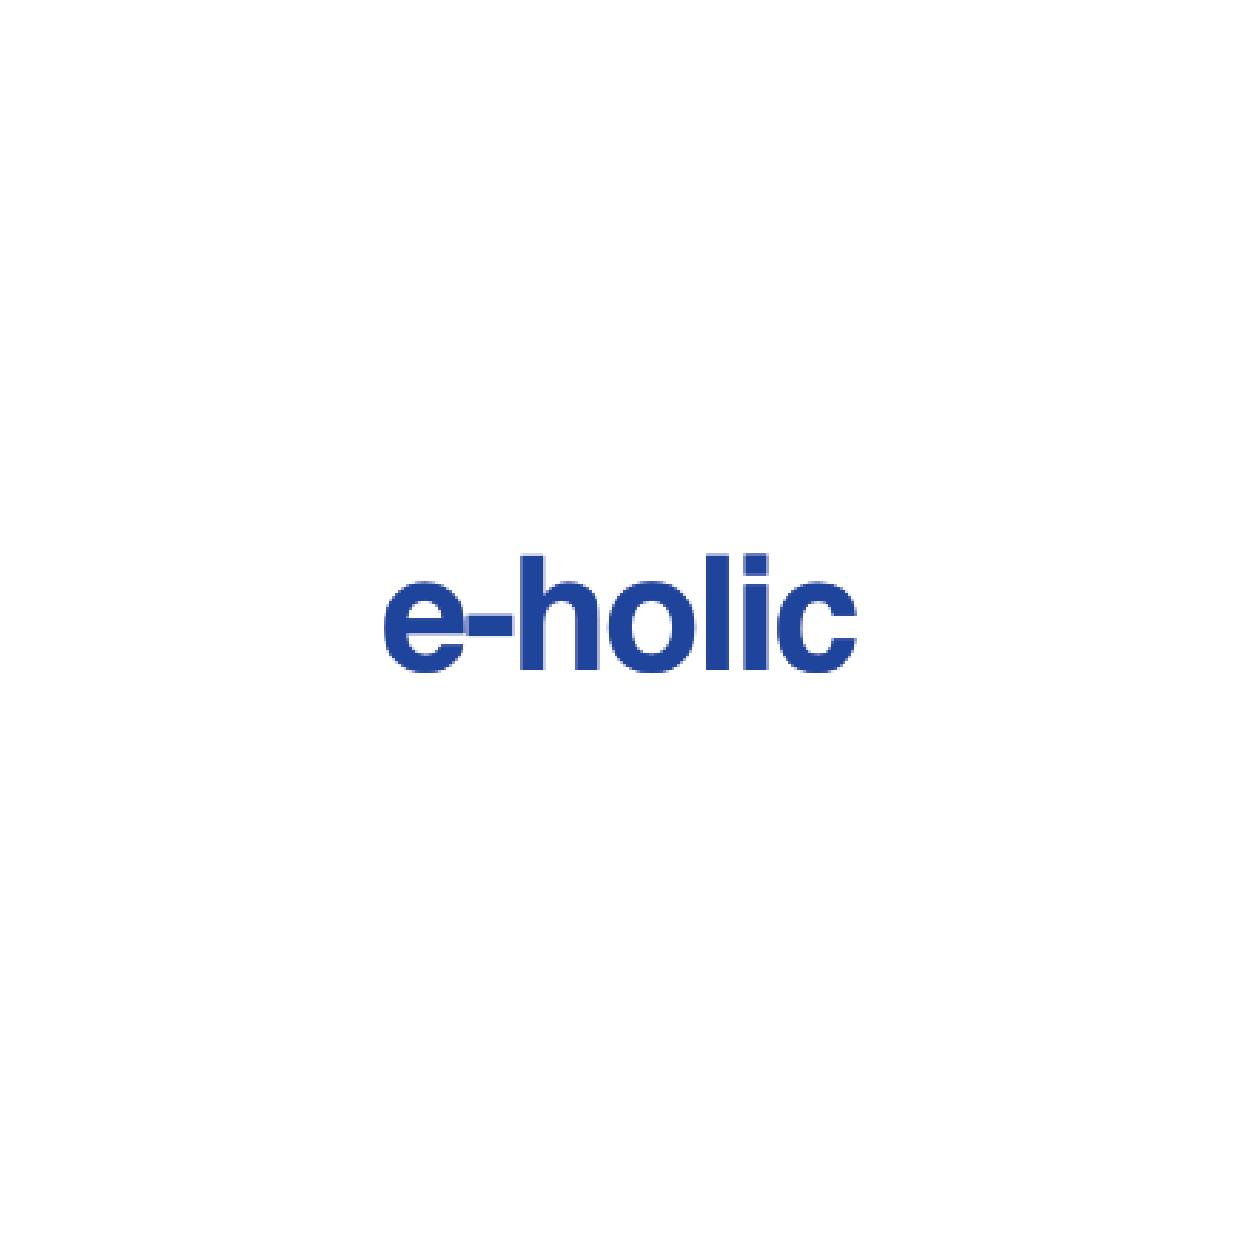 e-holic ou